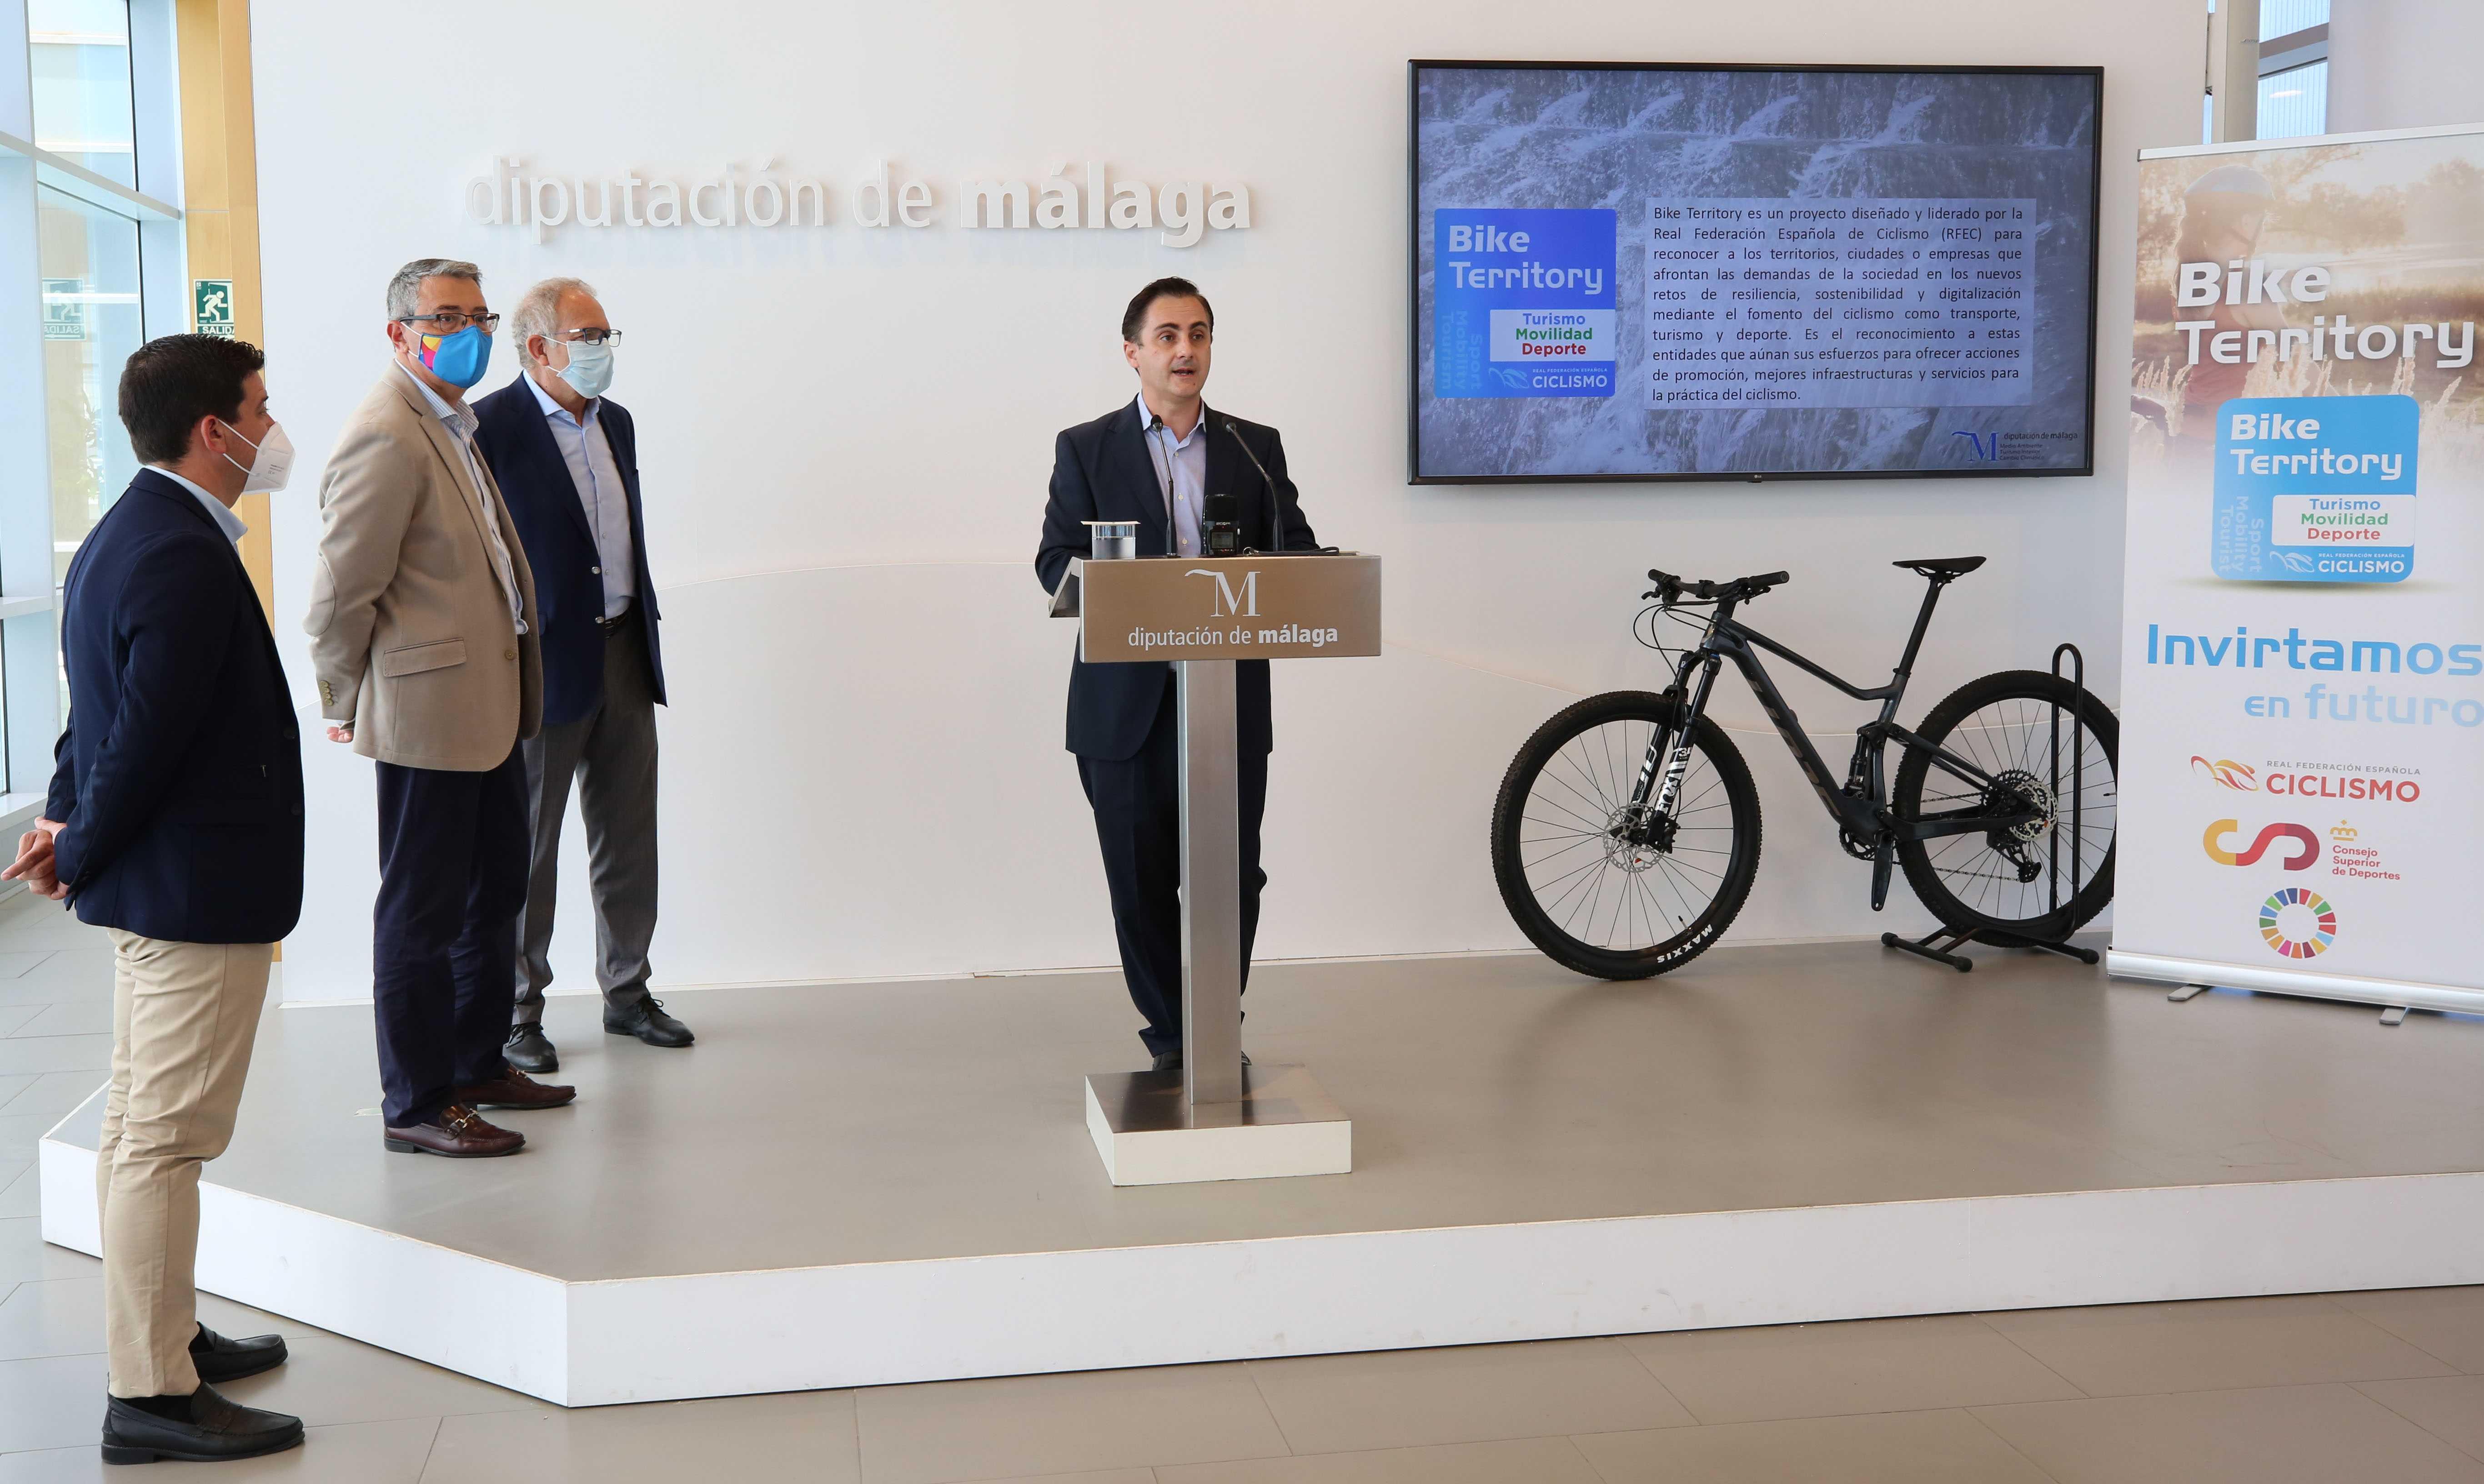 La Diputación de Málaga, pionera en implementar Bike Territory